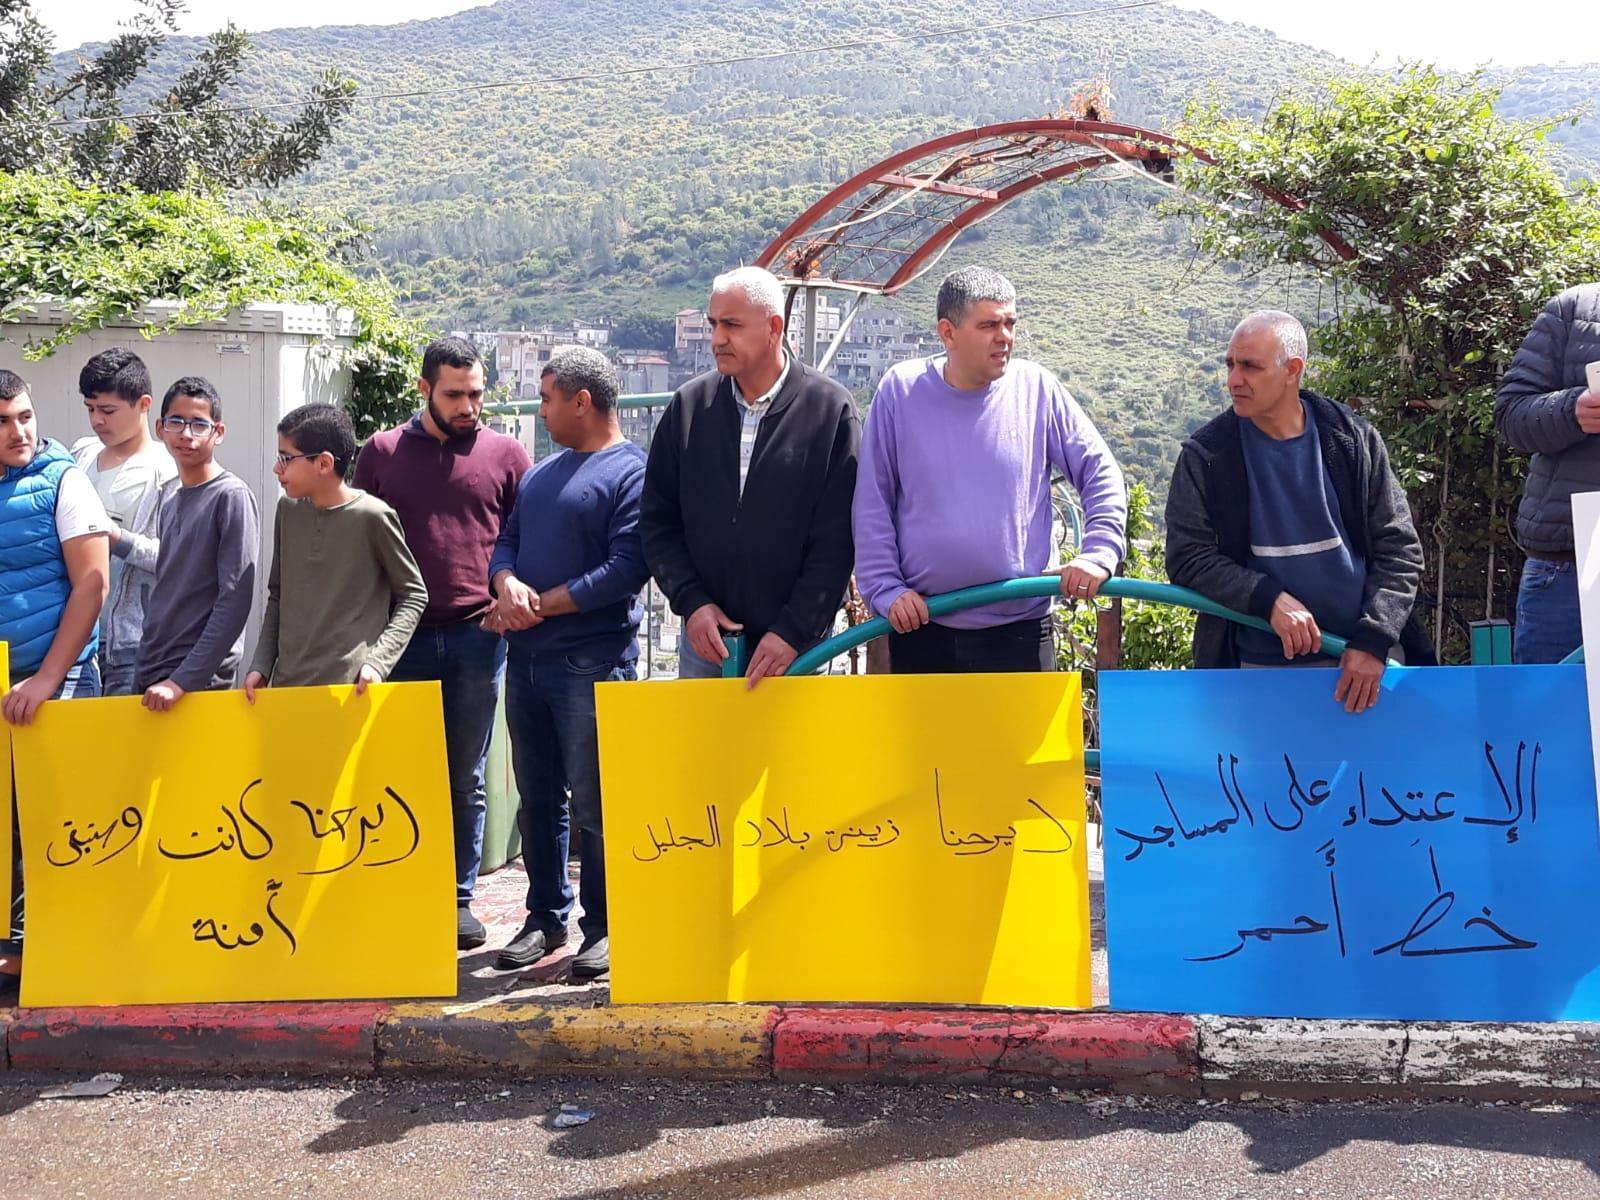 دير حنّا: تظاهرة أمام مركز الشرطة بعدتزايد العنف